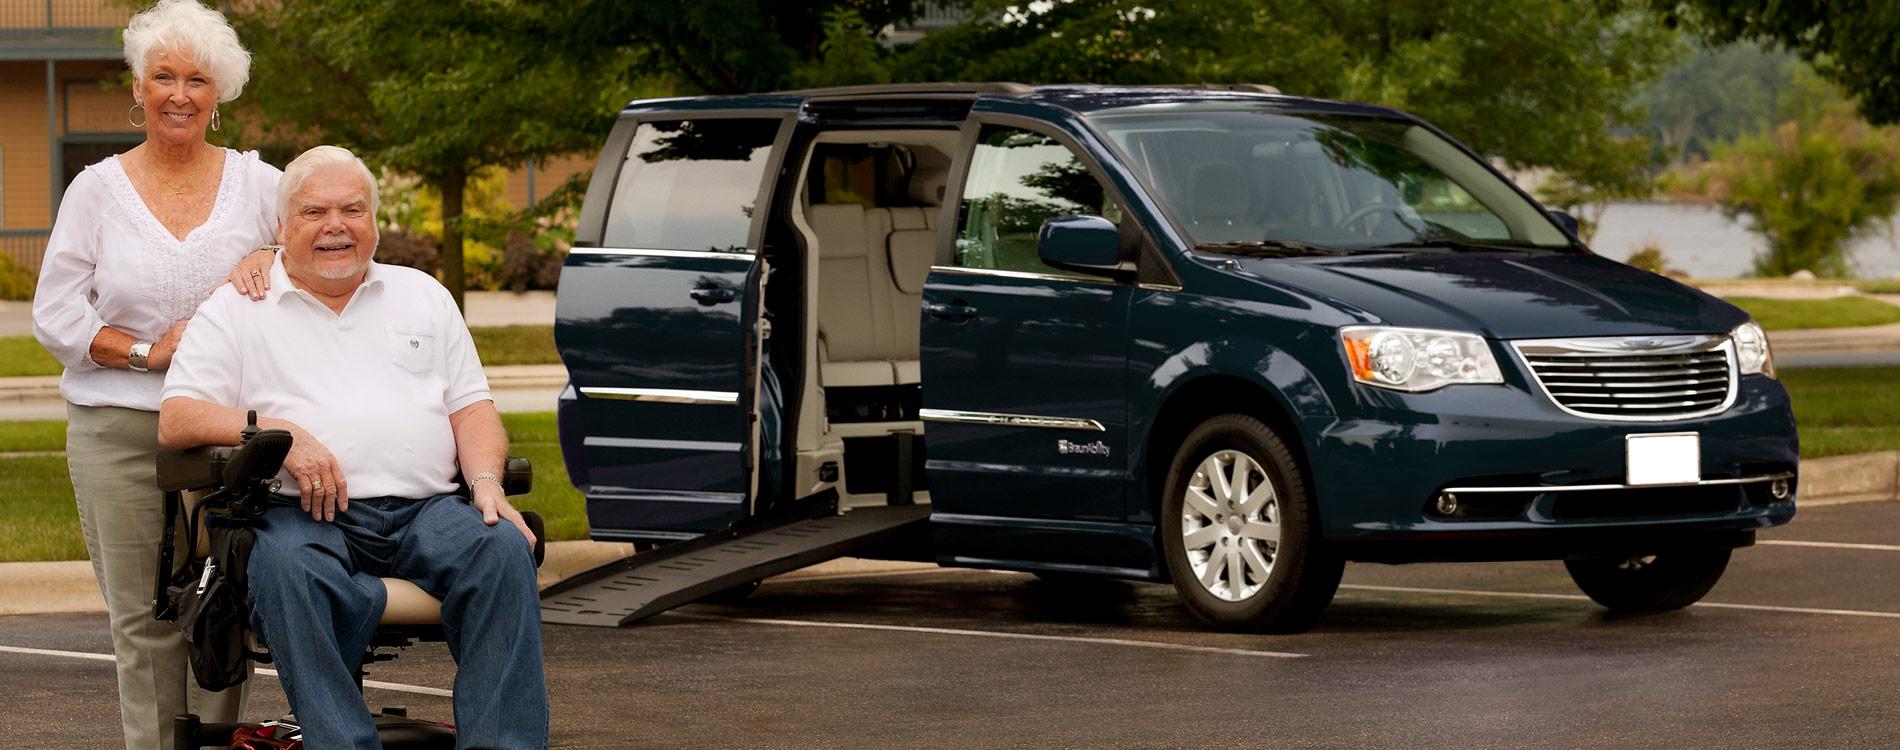 affordable mobility solutions car dealer in wichita ks. Black Bedroom Furniture Sets. Home Design Ideas